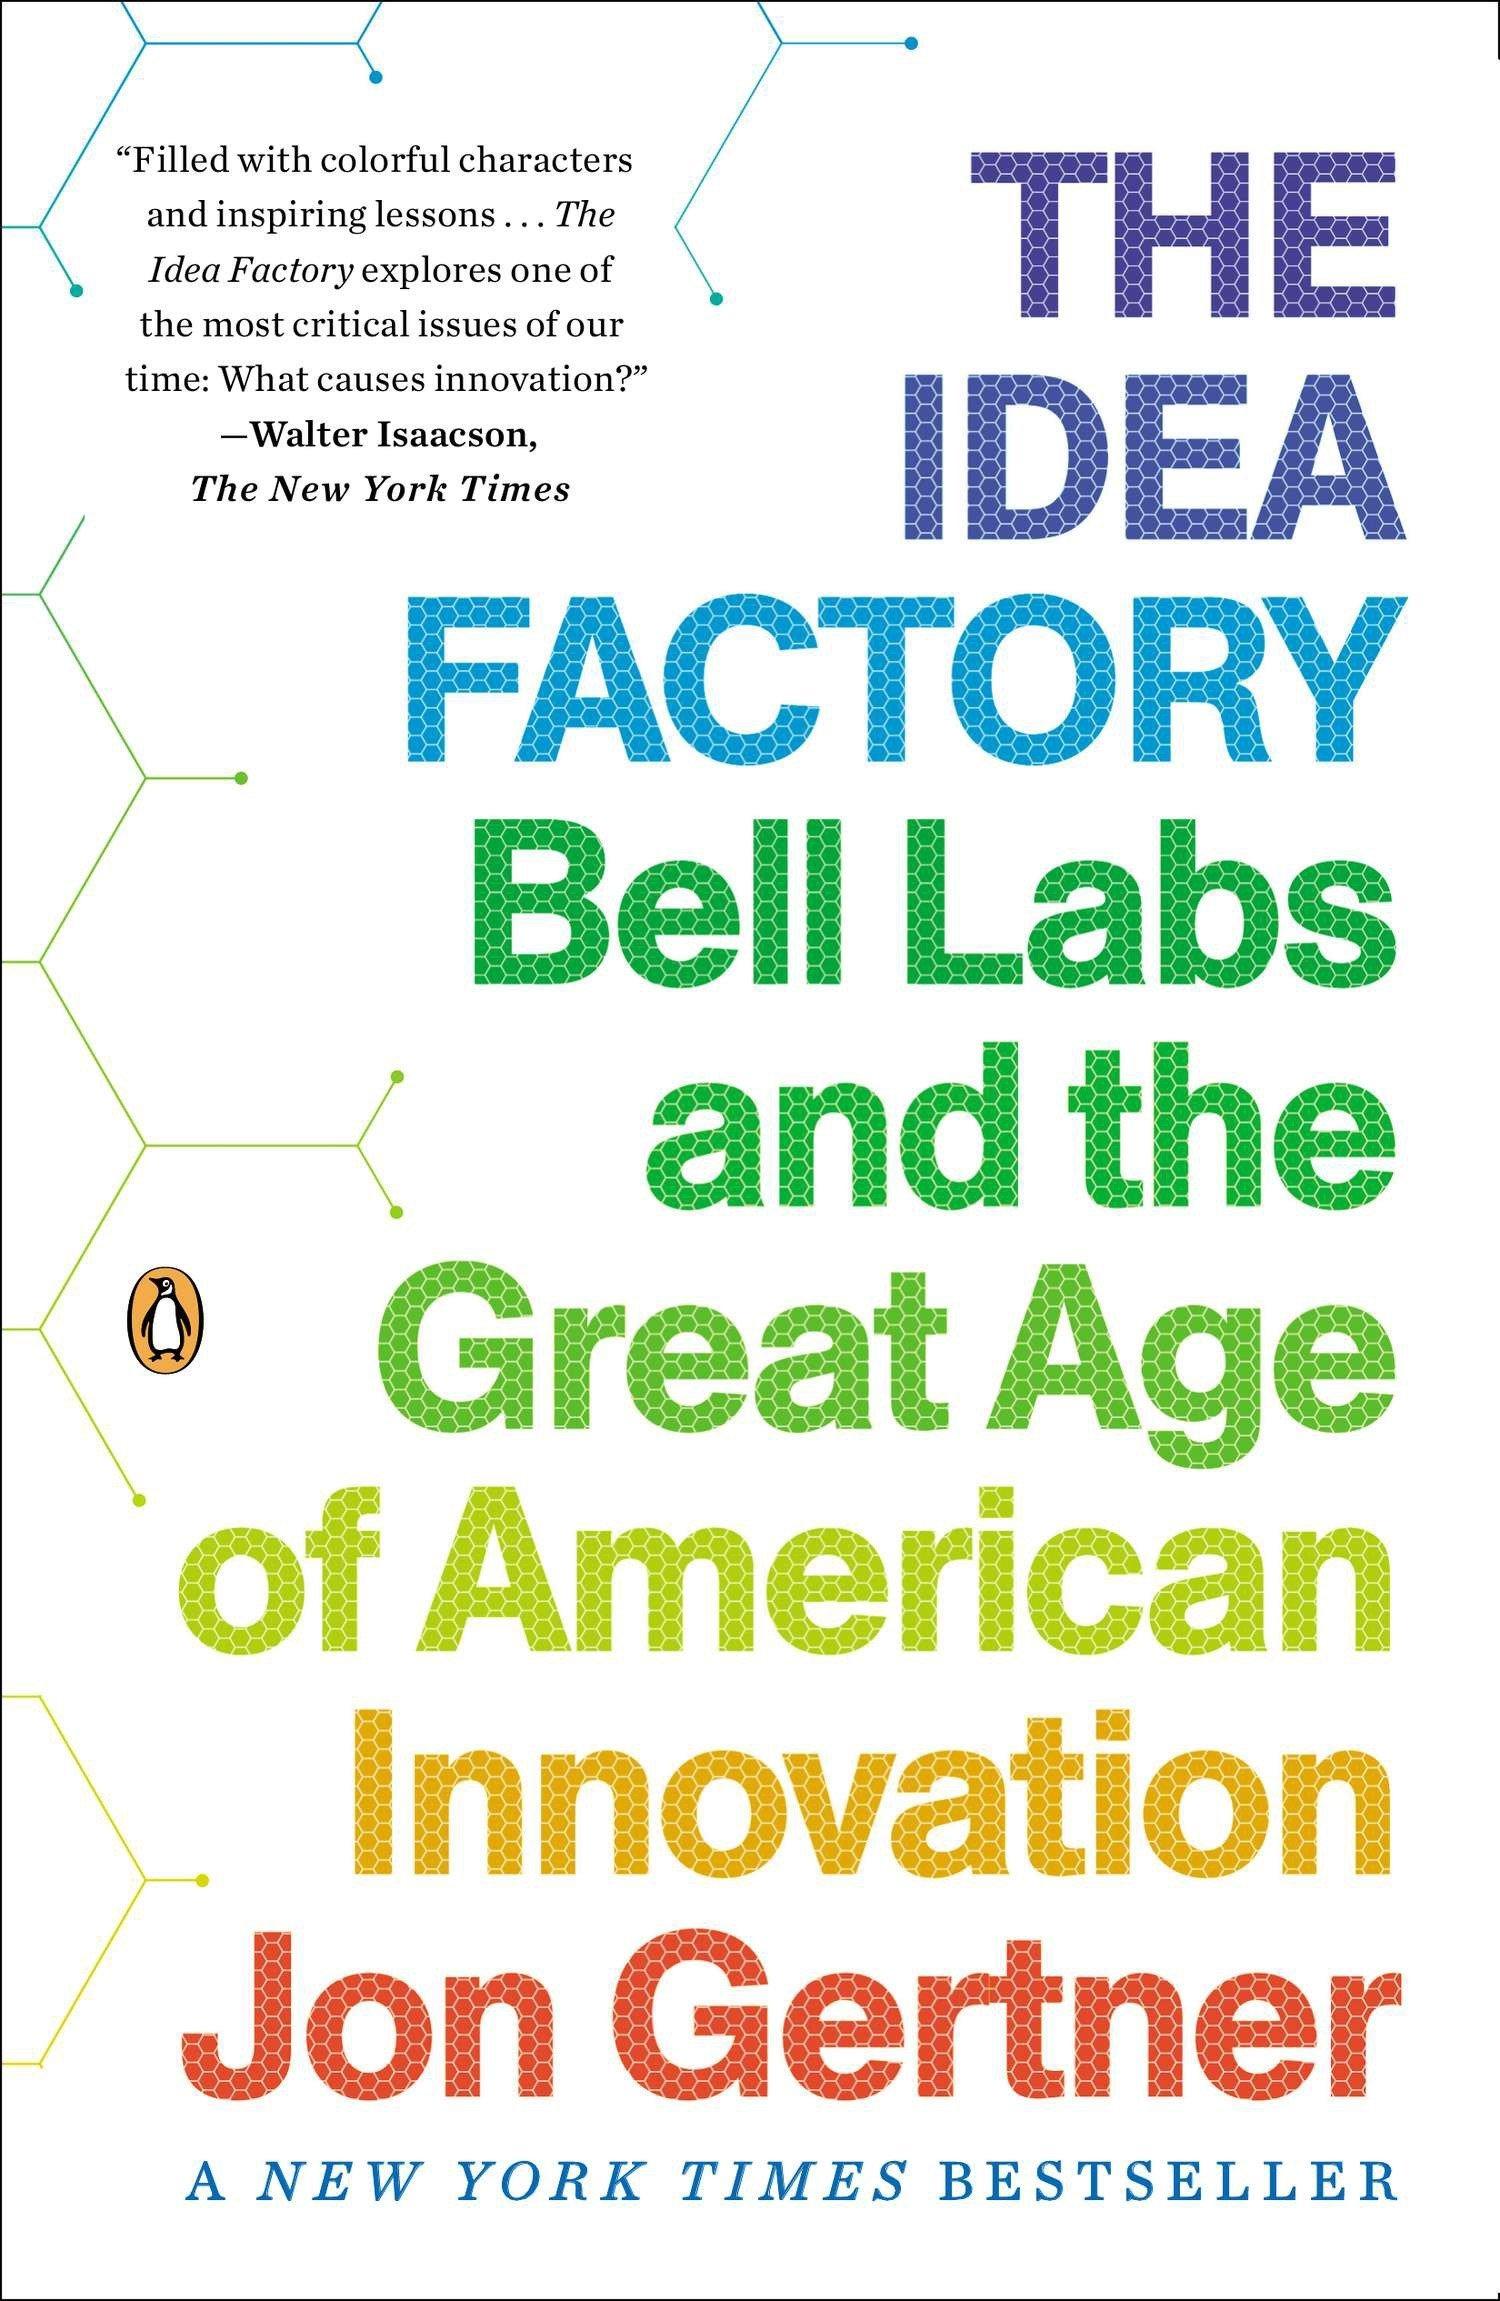 Idea Factory image